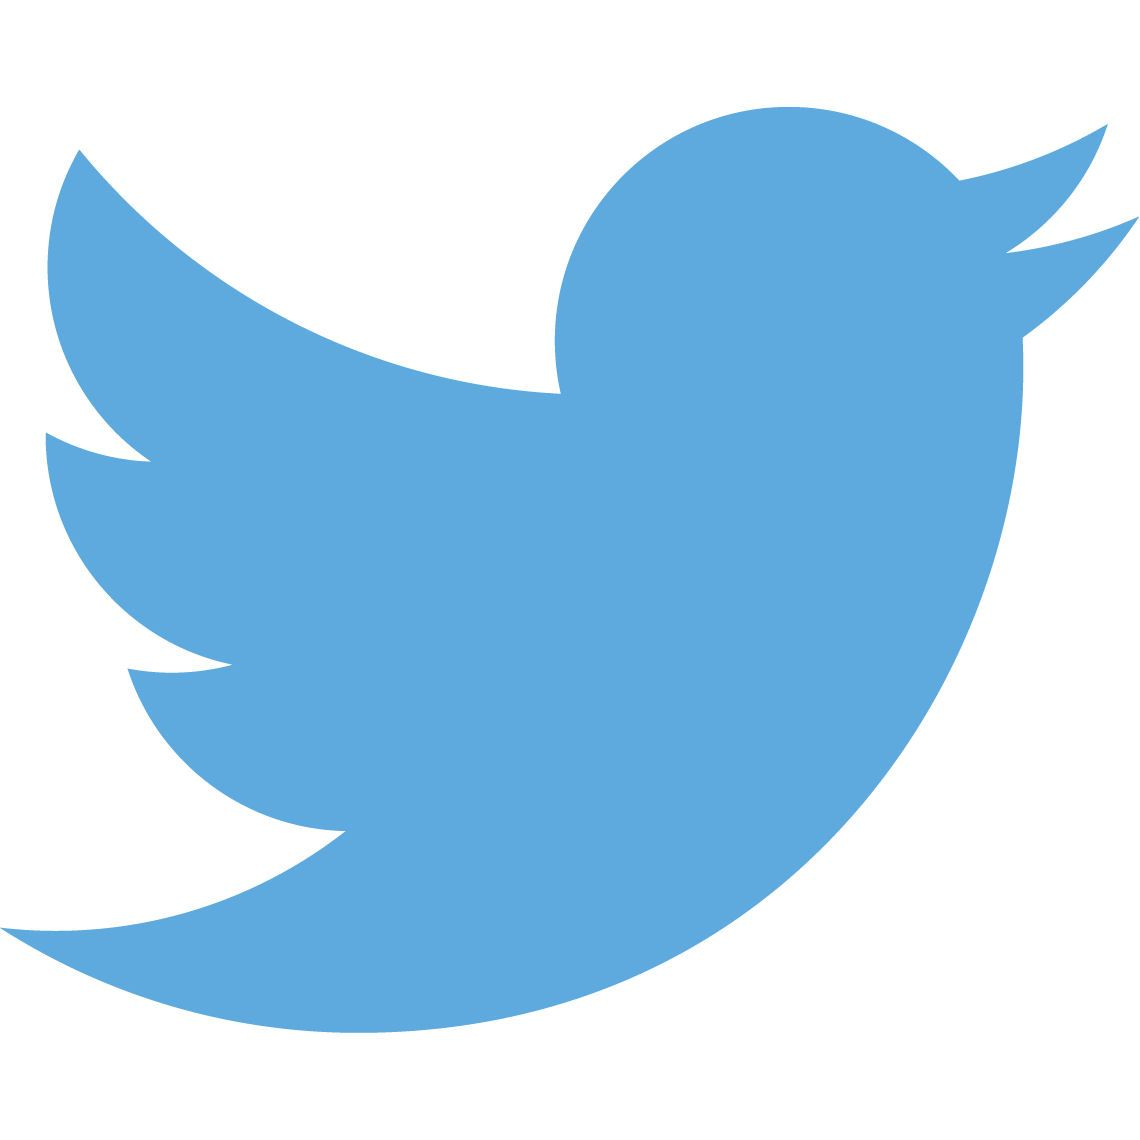 twitter #bluebird #blue #bird #icons #logos #website #online.